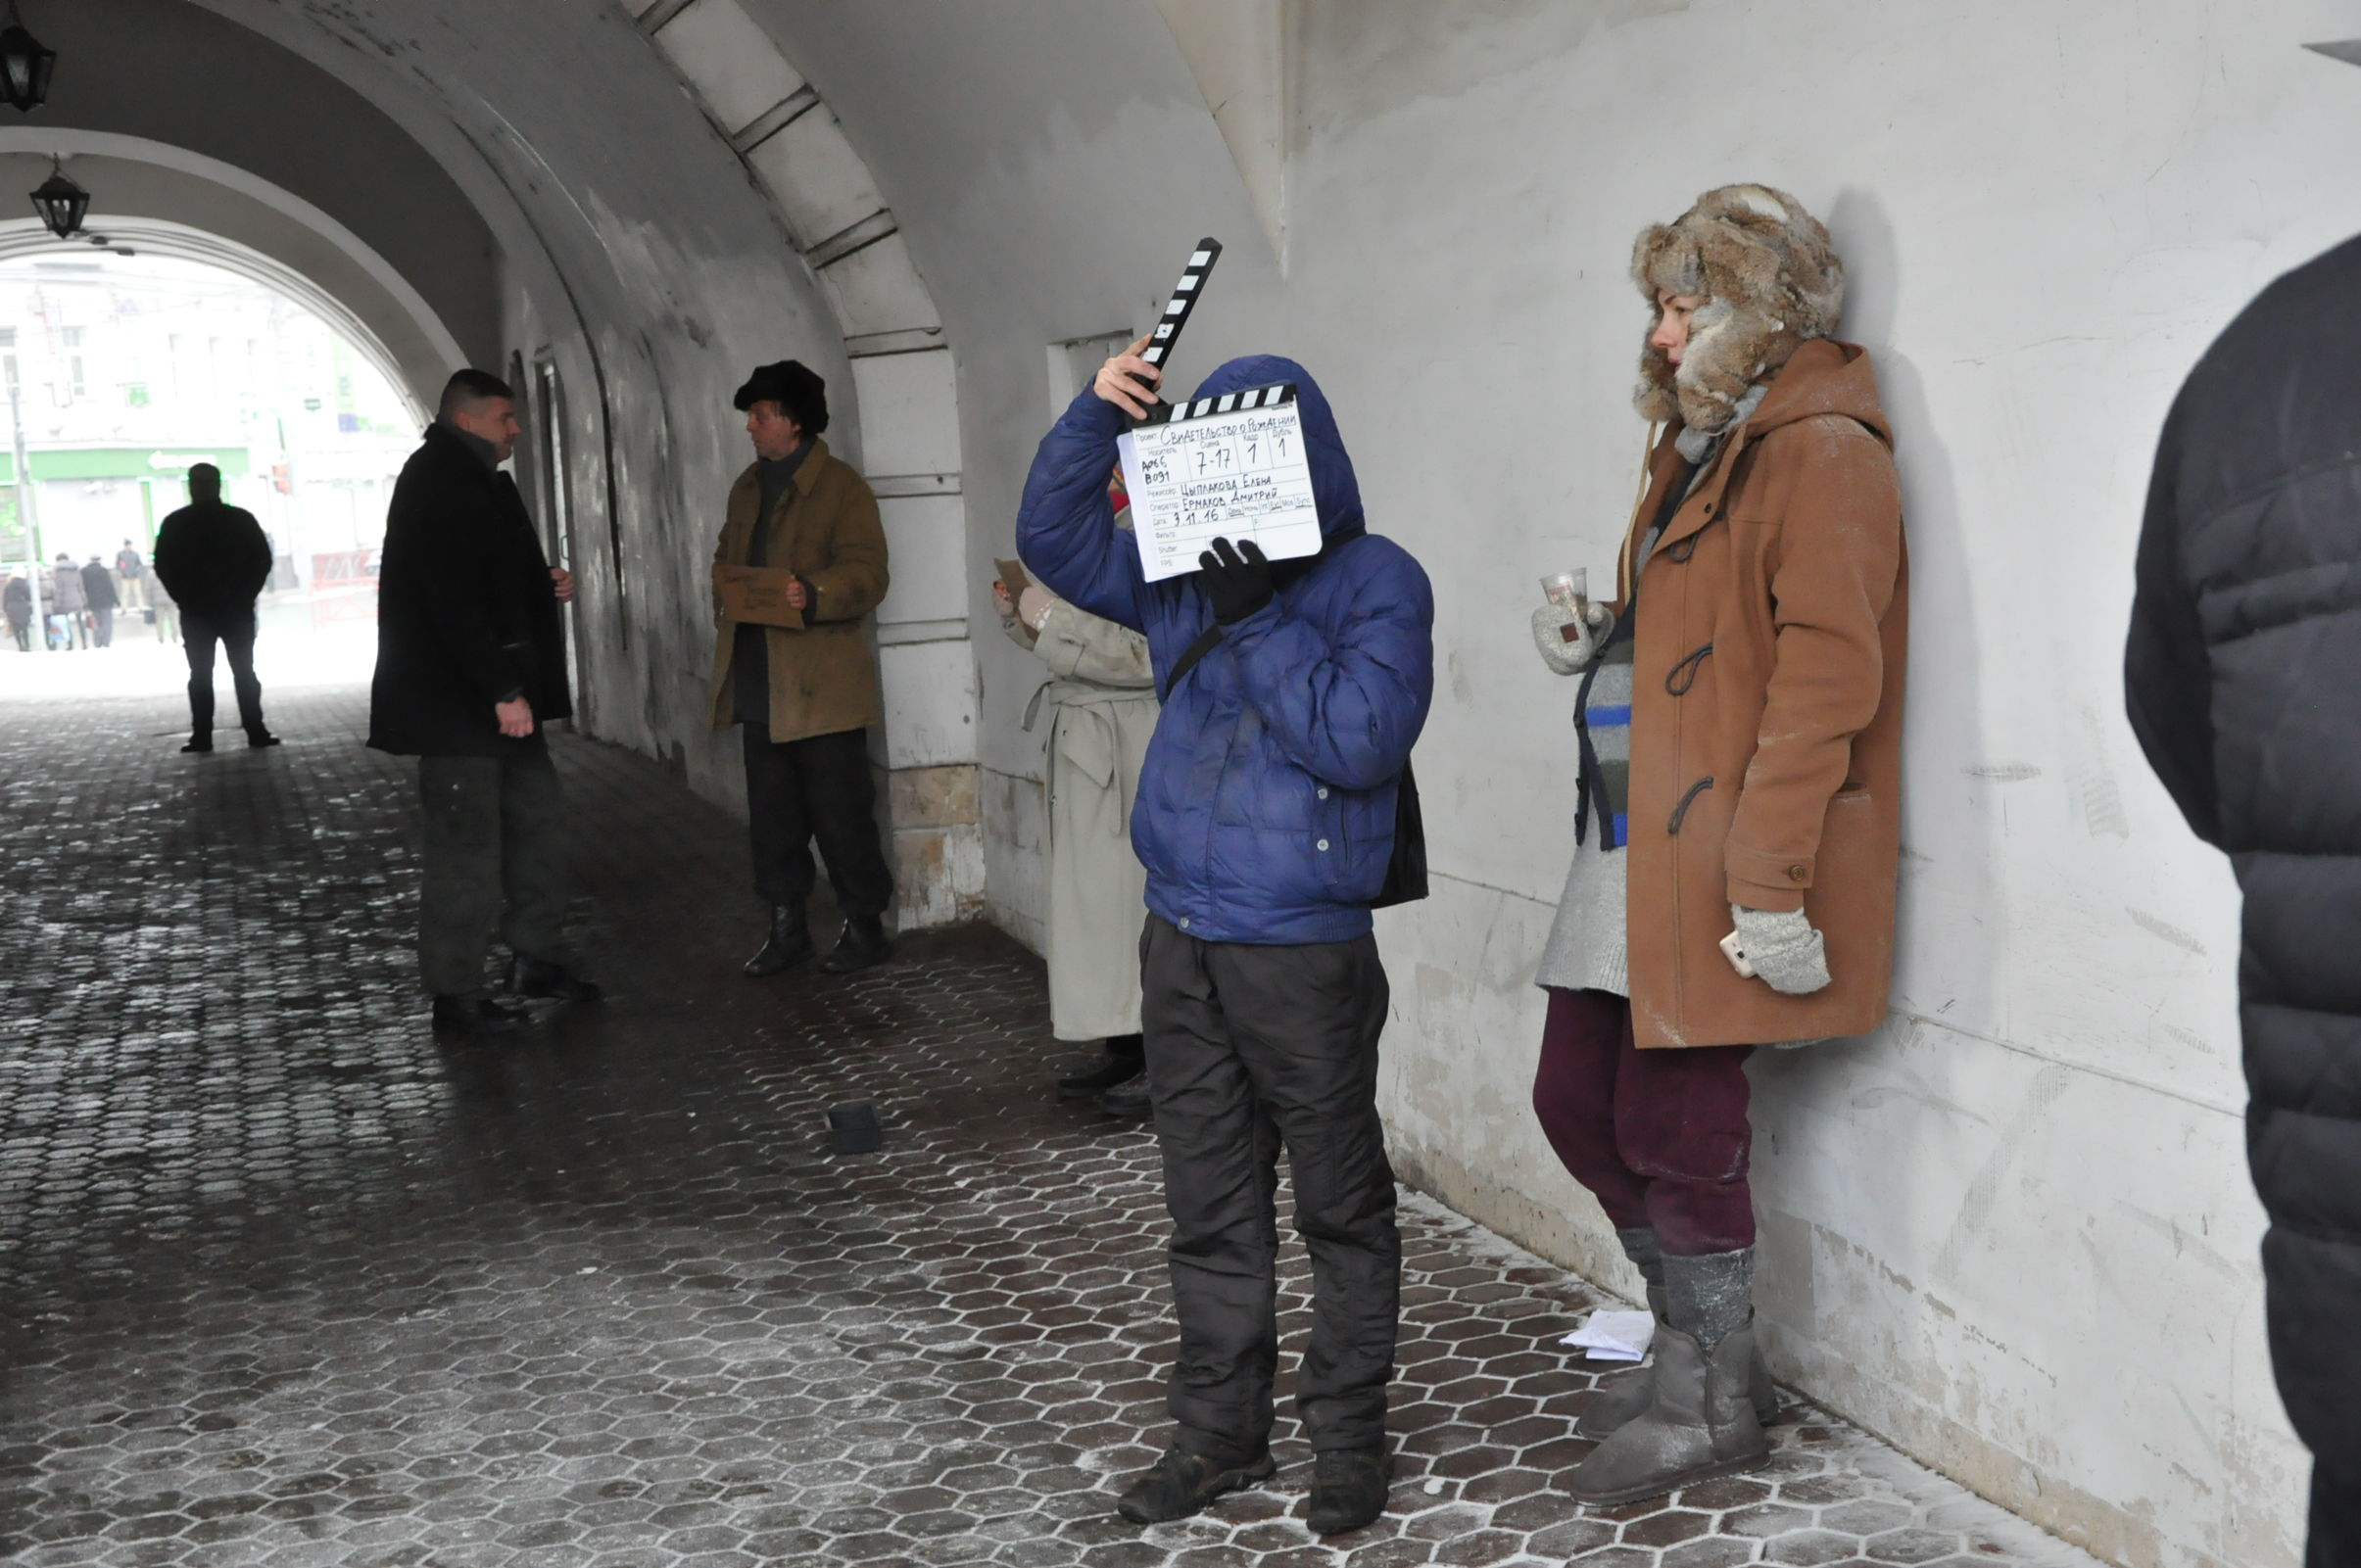 Дмитрий Миронов подписал соглашение о развитии теле- и кинопроизводства в Ярославской области